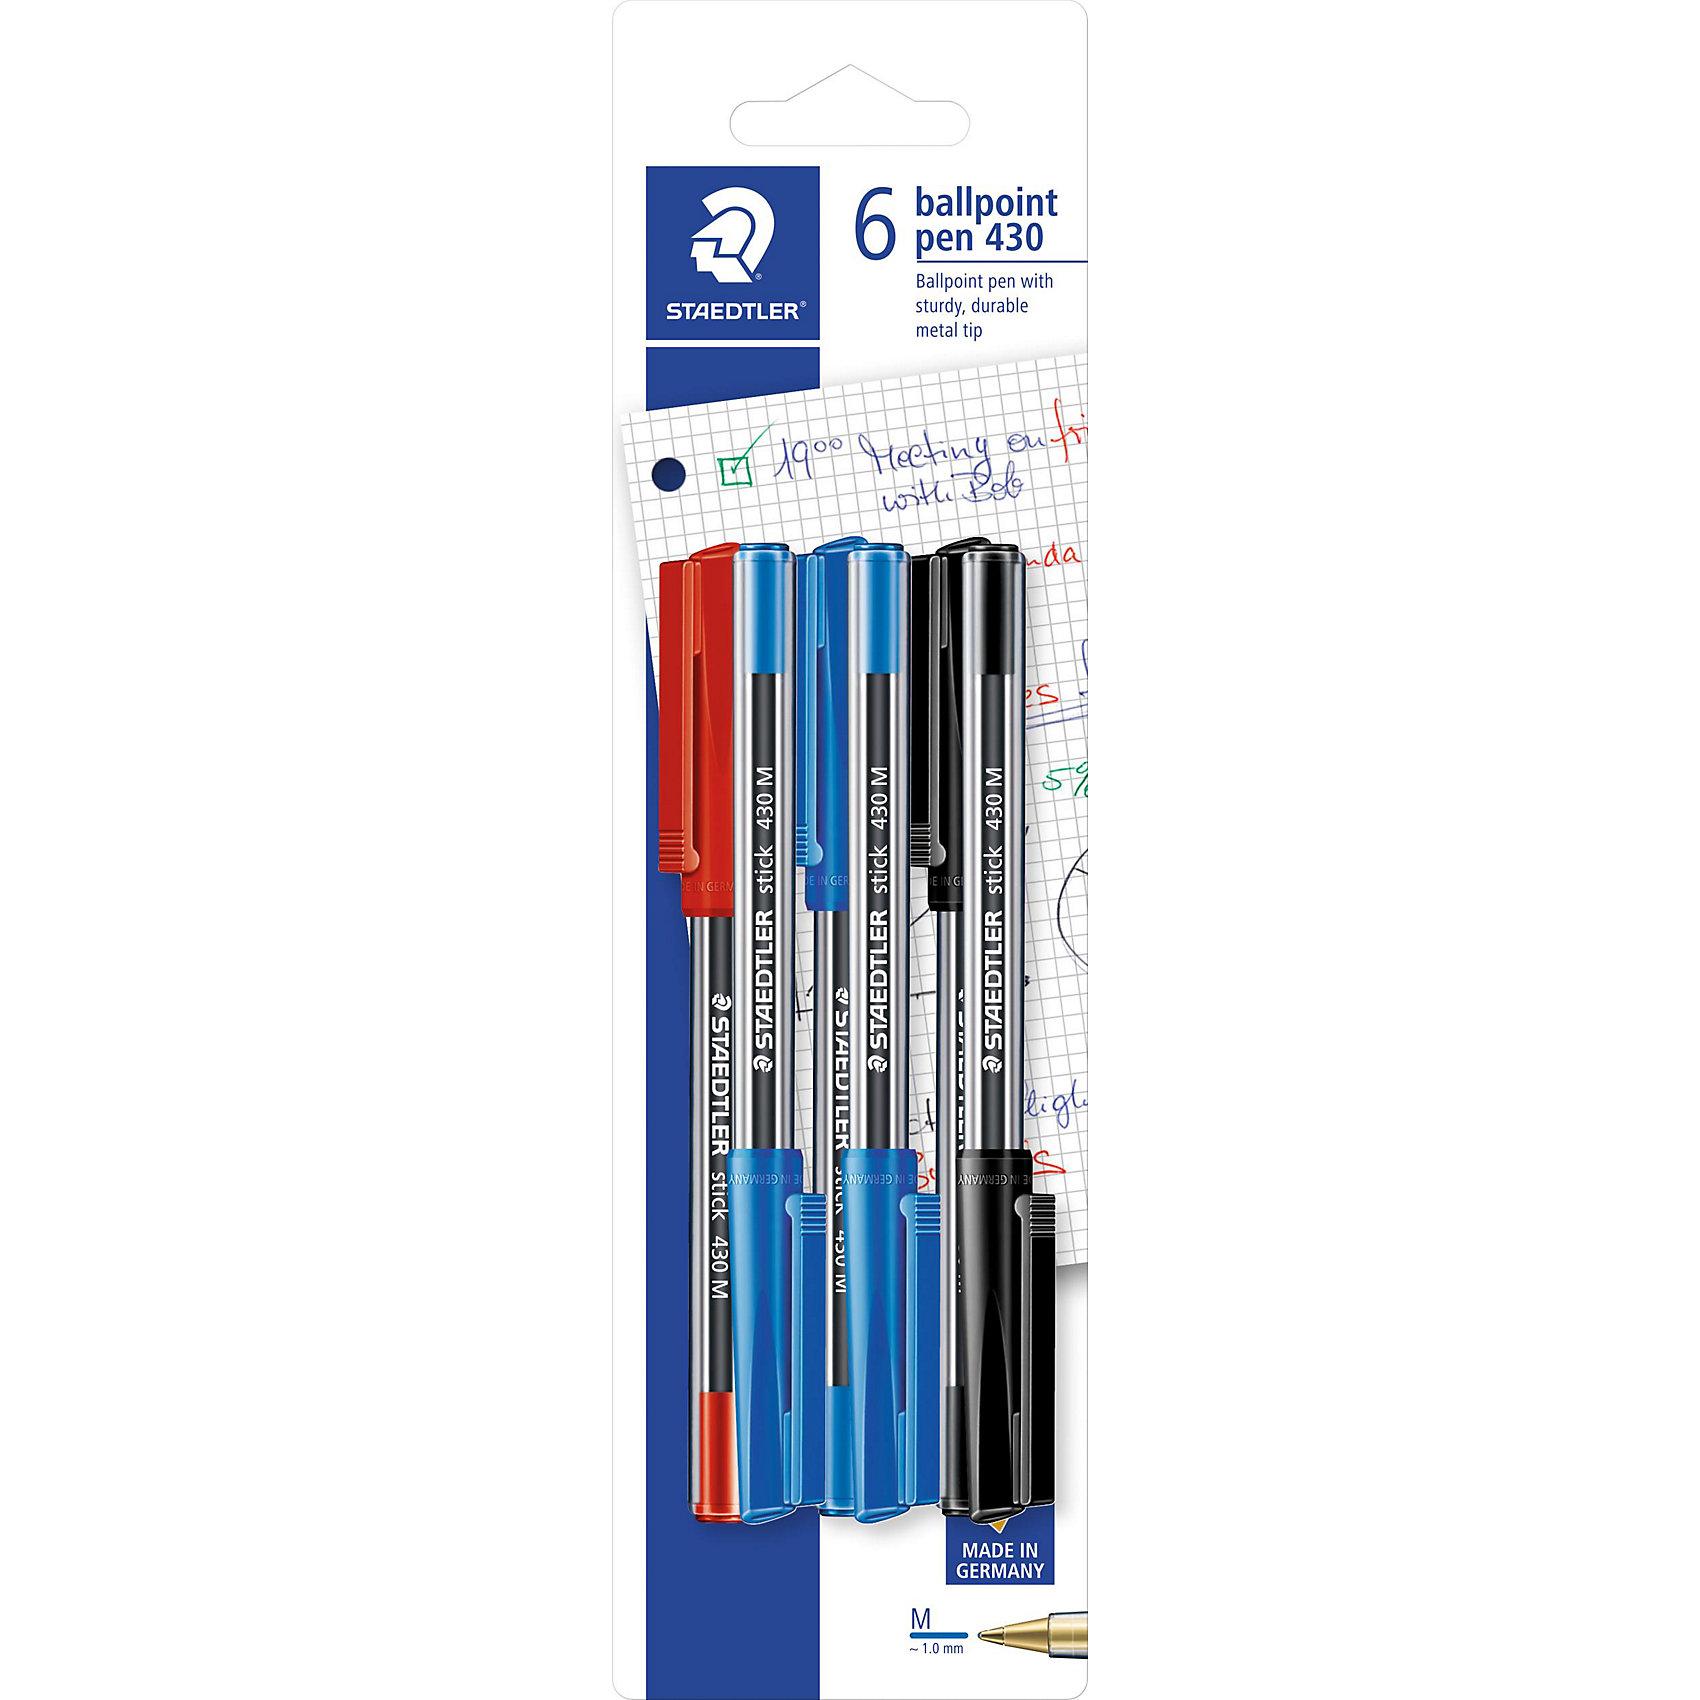 Шариковая ручка Stick, 0,5мм, 6 шт.Письменные принадлежности<br>Набор шариковых ручек Stick. Блистерная  упаковка. Содержит: 6 цветов в ассортименте.  Шариковая ручка с колпачком и клипом. Безопасно использовать в самолете - автоматическое выравнивание давления предотвращает от вытекания чернил на борту самолета.<br><br>Ширина мм: 235<br>Глубина мм: 66<br>Высота мм: 20<br>Вес г: 52<br>Возраст от месяцев: 60<br>Возраст до месяцев: 168<br>Пол: Унисекс<br>Возраст: Детский<br>SKU: 4853265